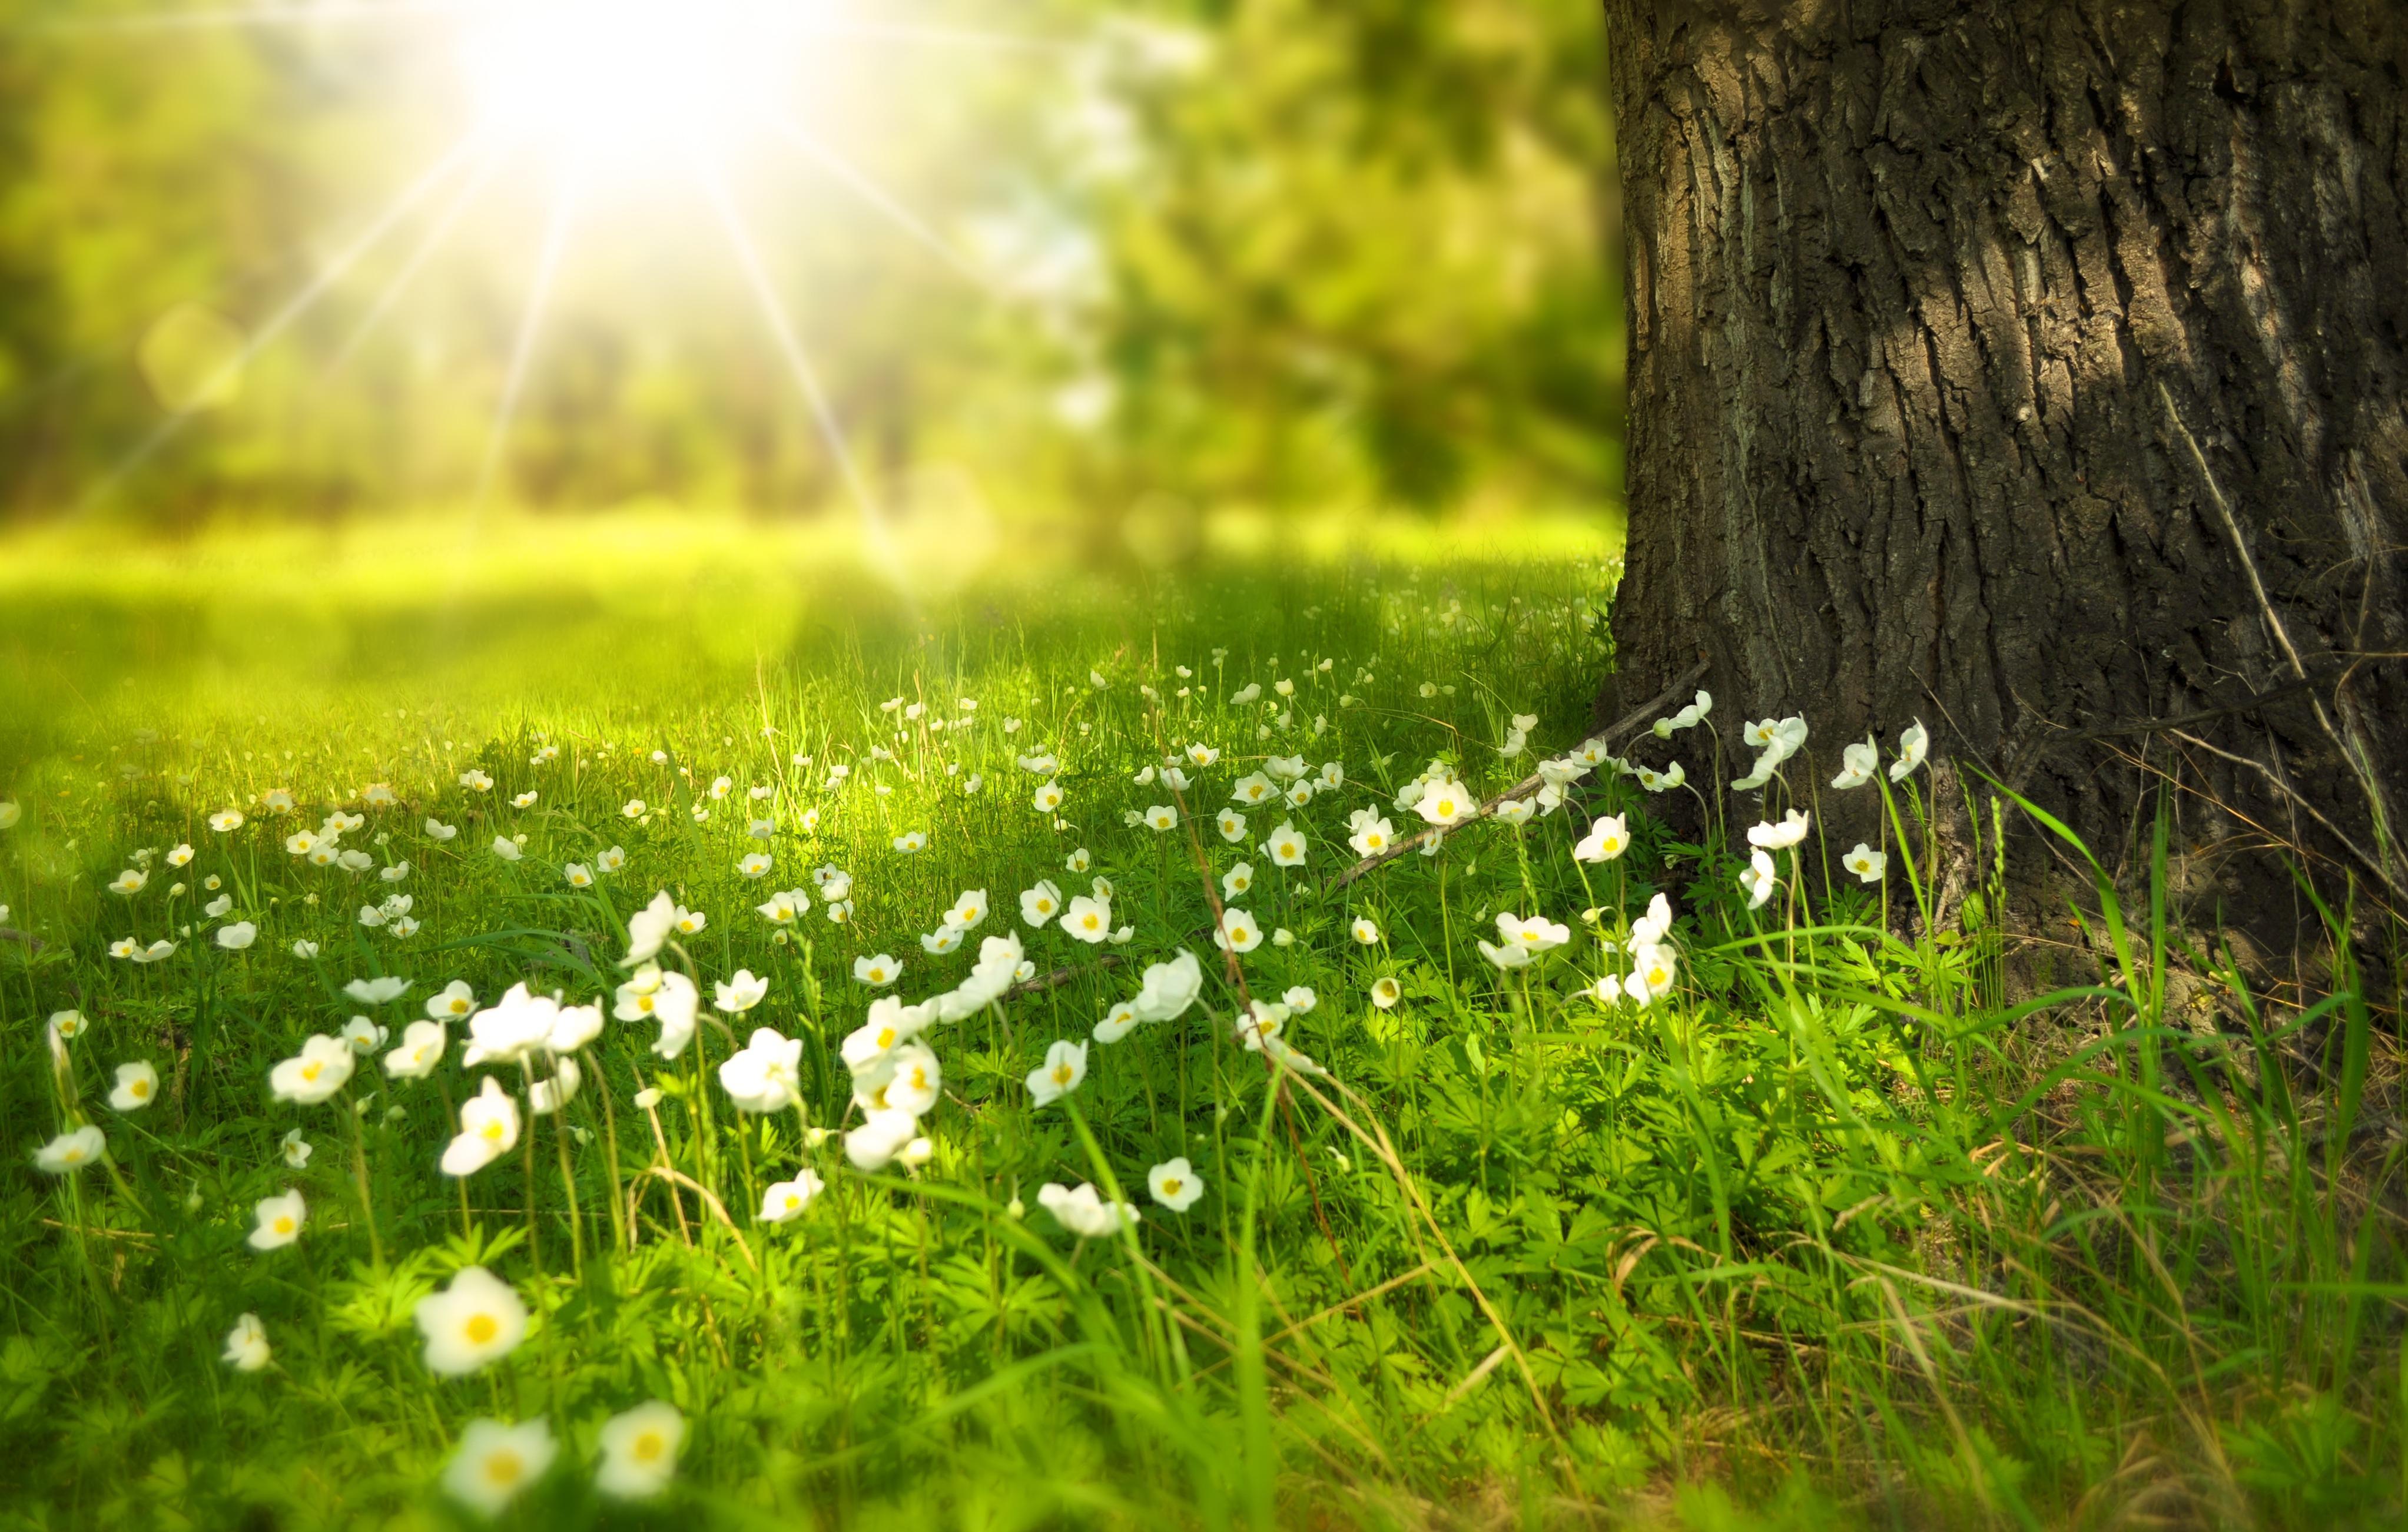 Hình ảnh nắng đẹp trên đóa hoa trắng dưới gốc cây